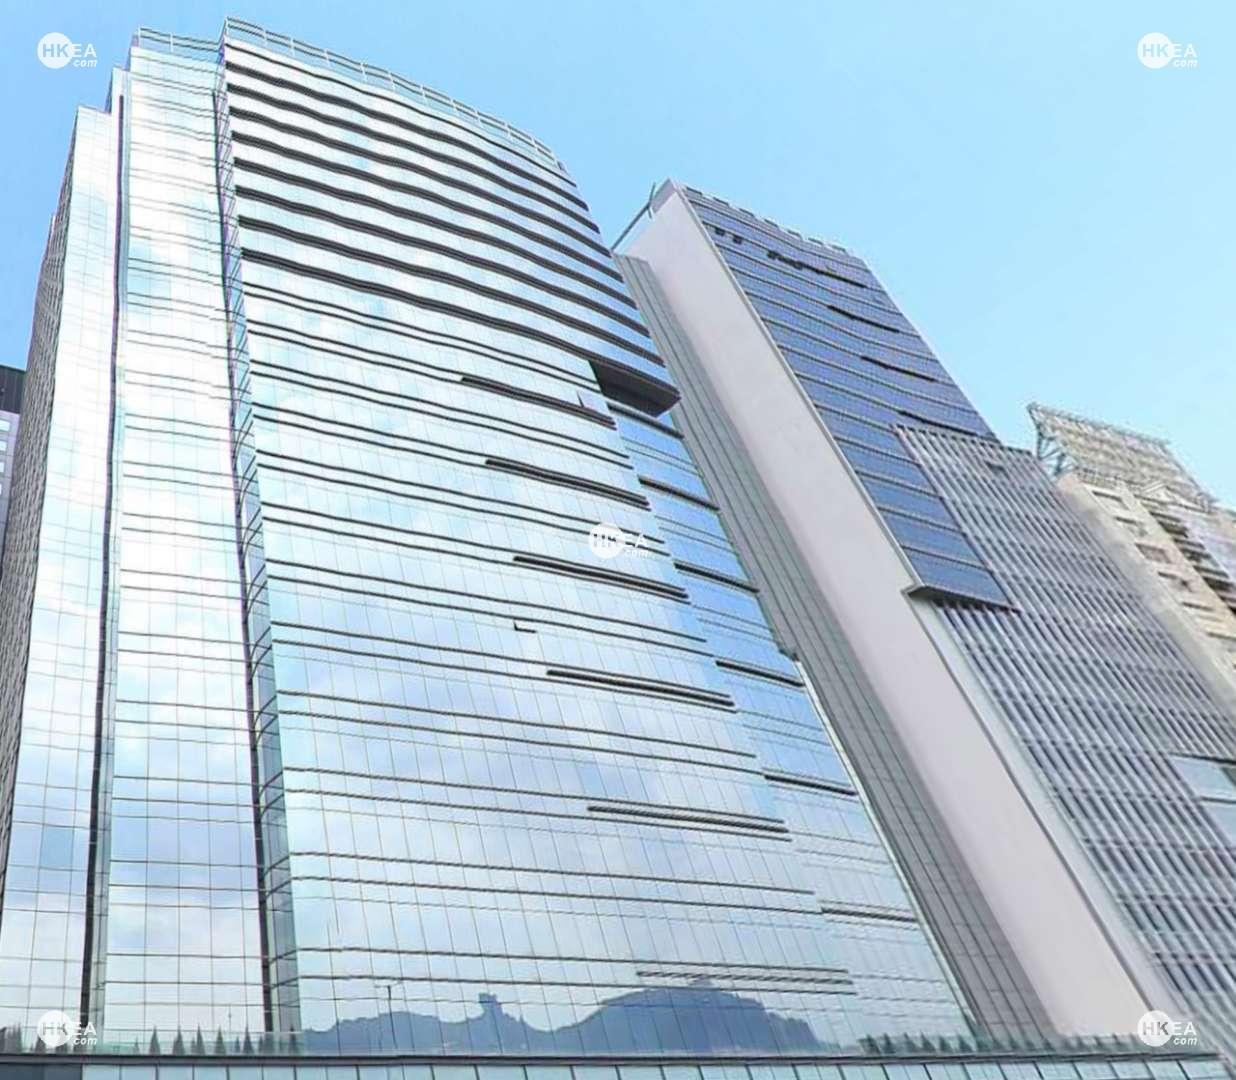 觀塘|工商舖|萬兆豐中心|海濱道 133號